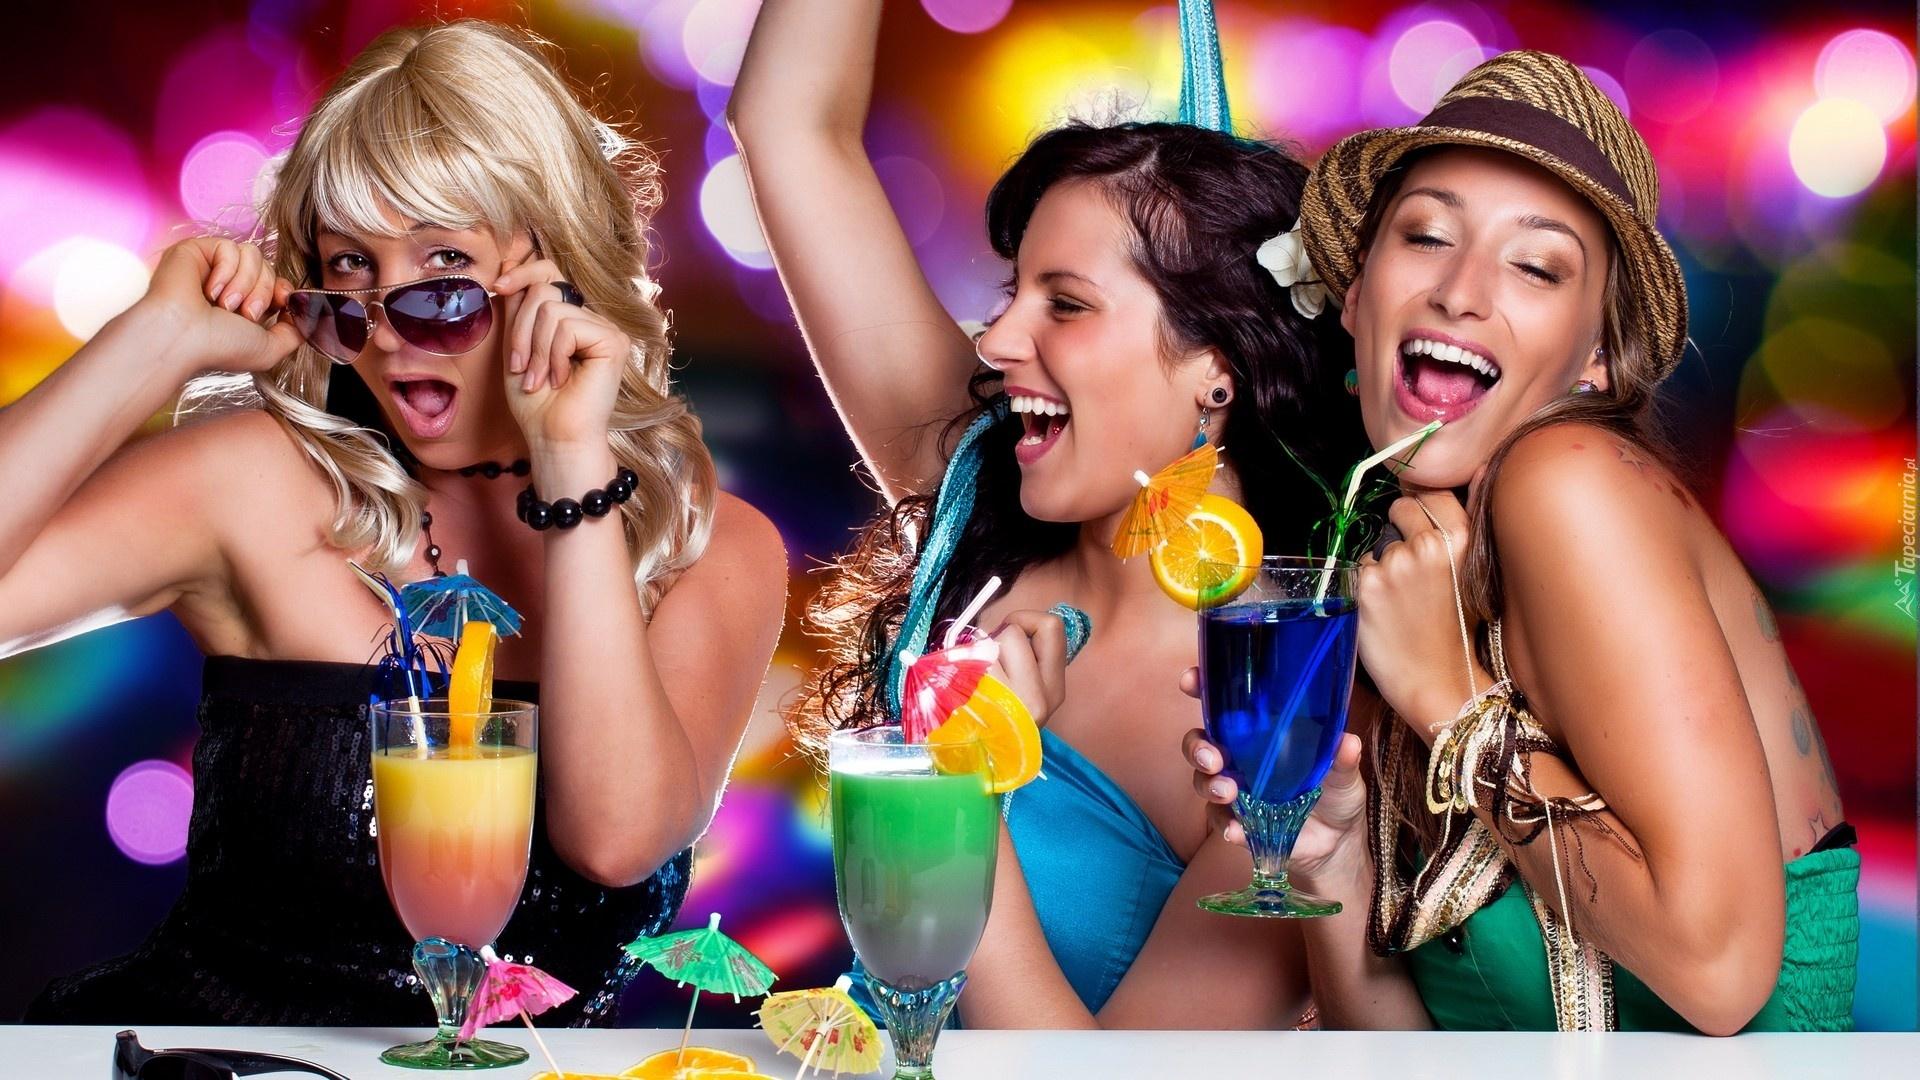 Секс девочками на вечеринке 3 фотография